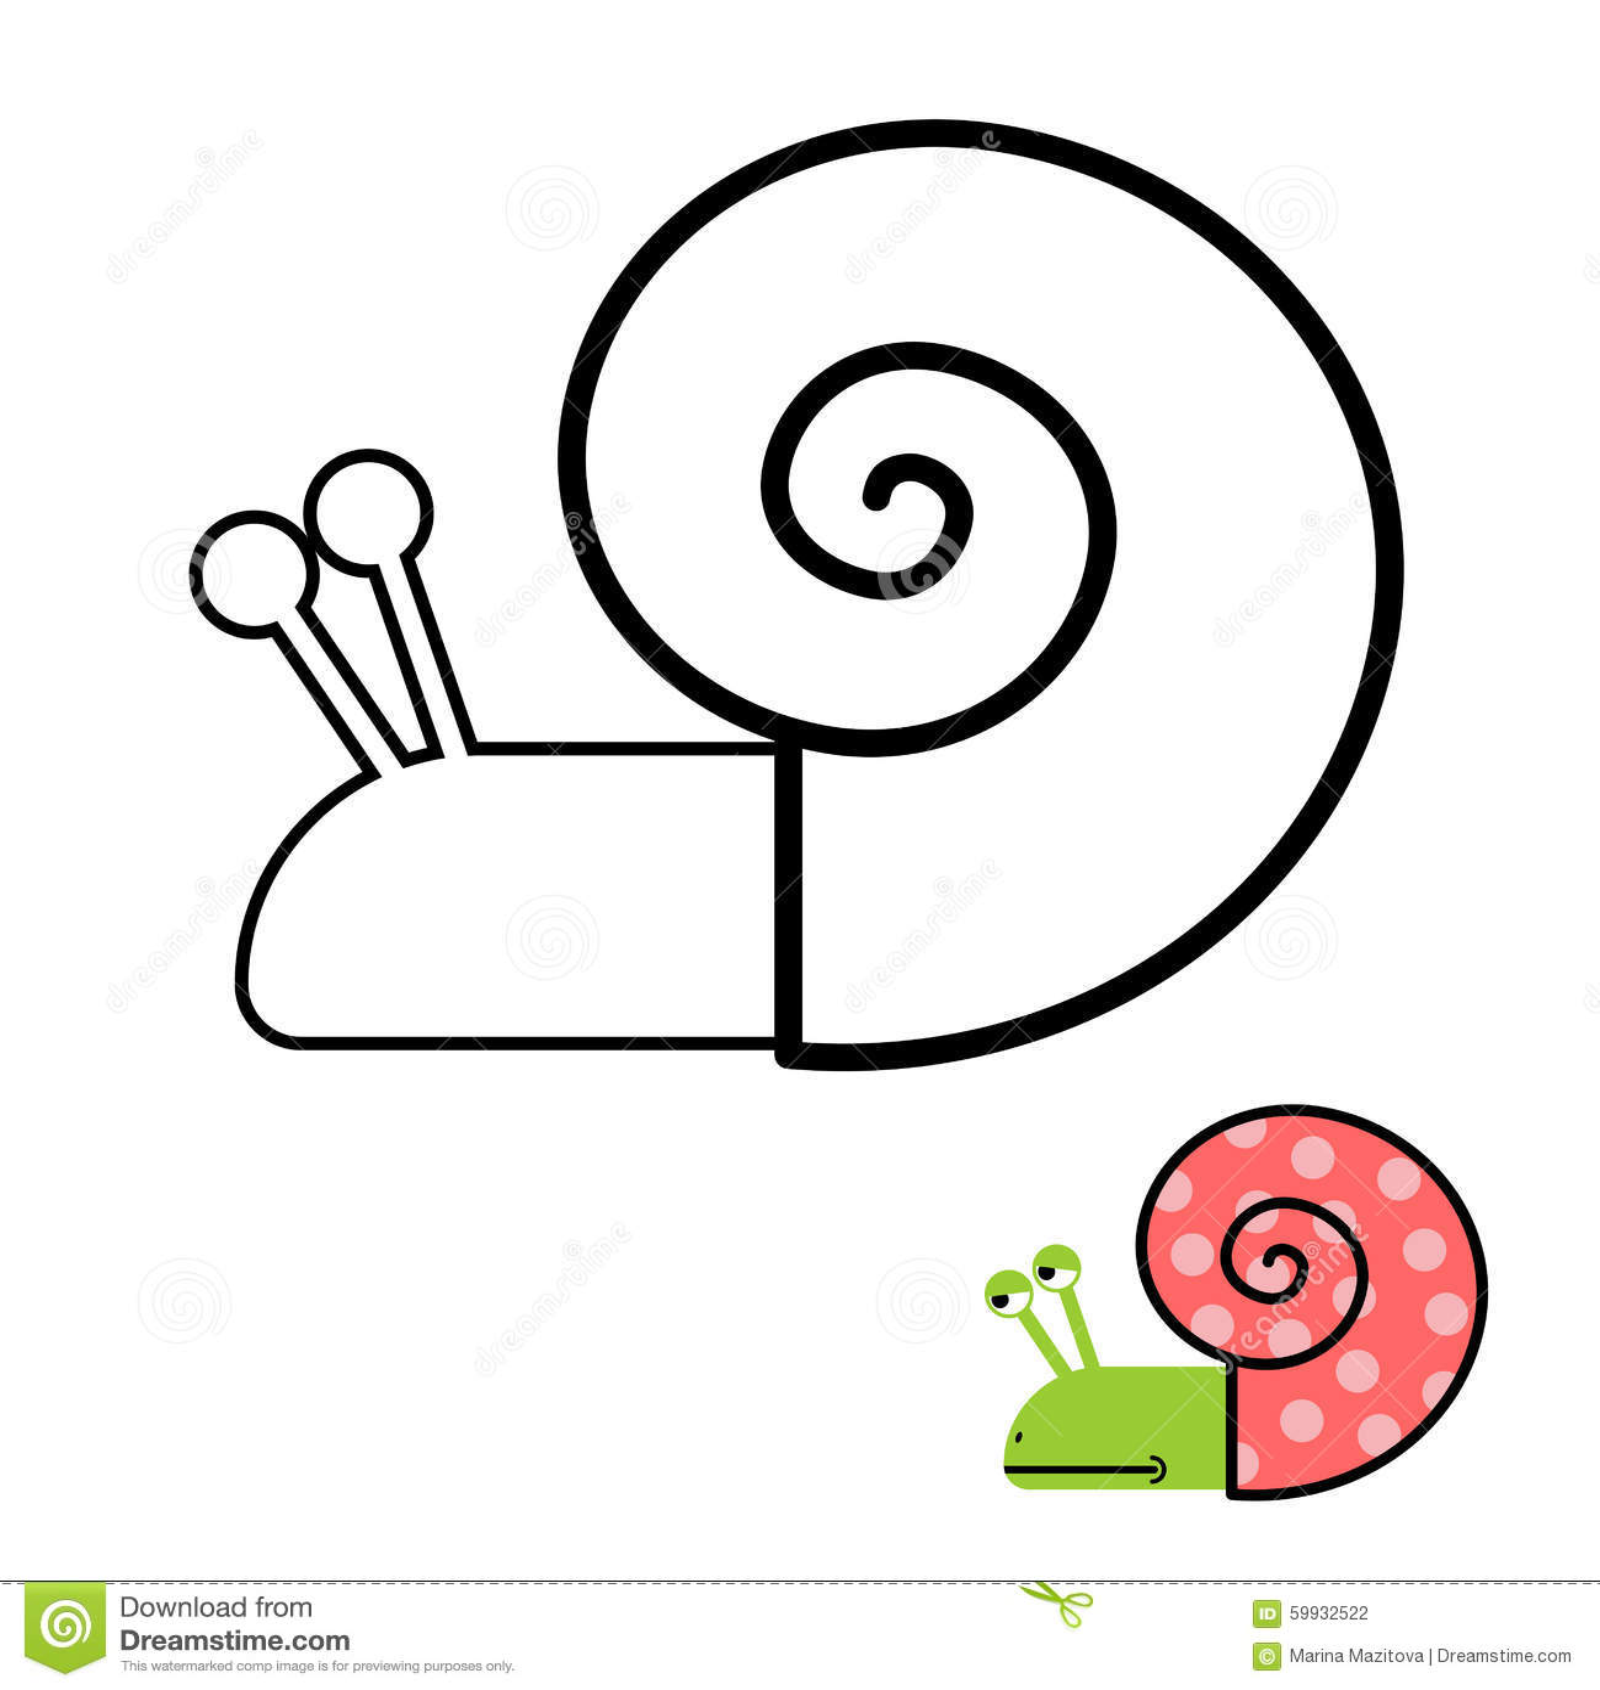 Coloriage Descargot.Livre De Coloriage D Escargot Palourde De Gasteropodes Avec La